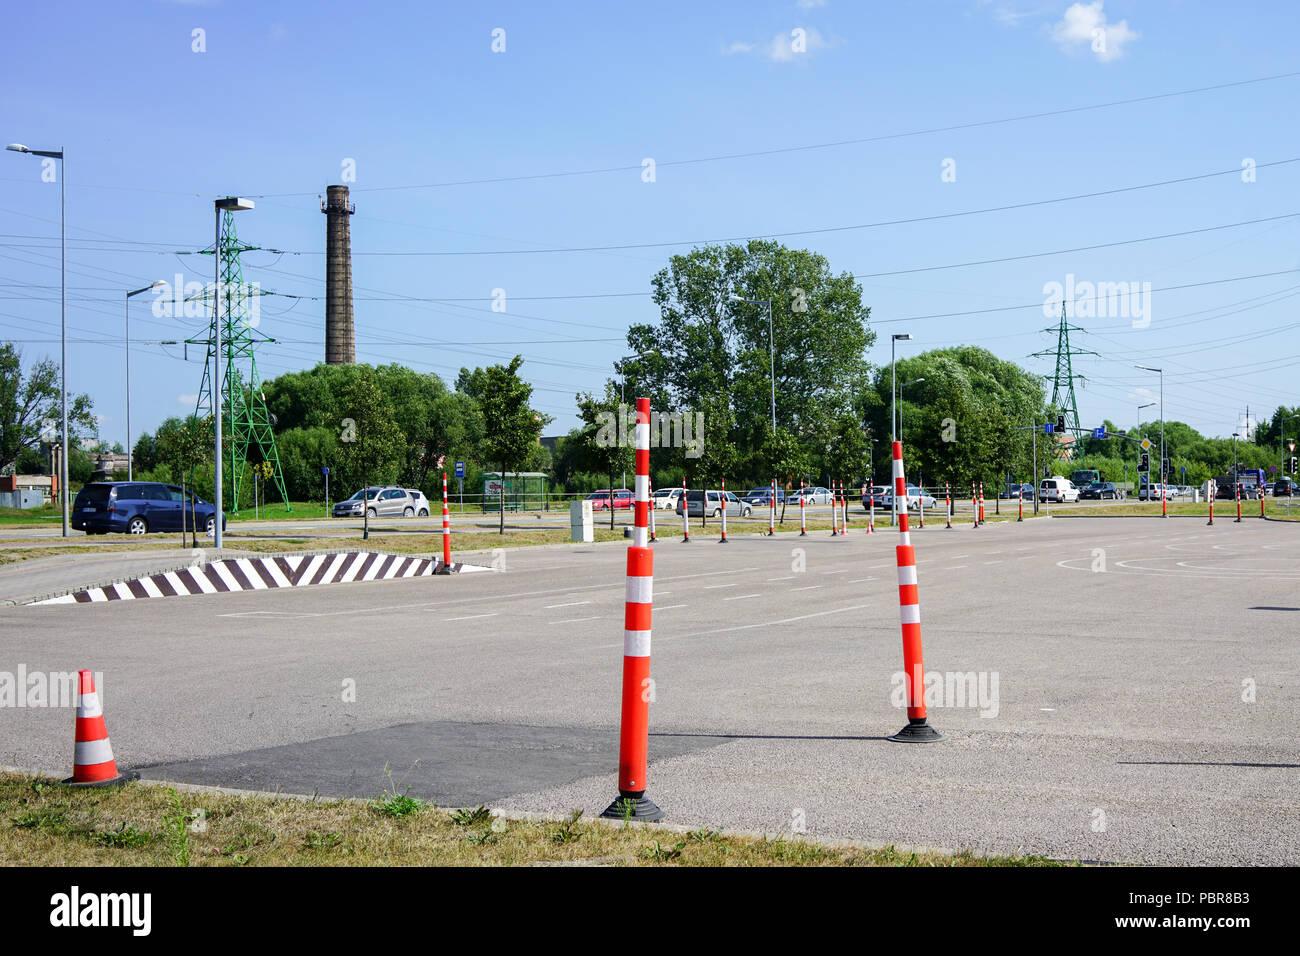 Domaine de formation conduite d'apprendre les règles de circulation Photo Stock